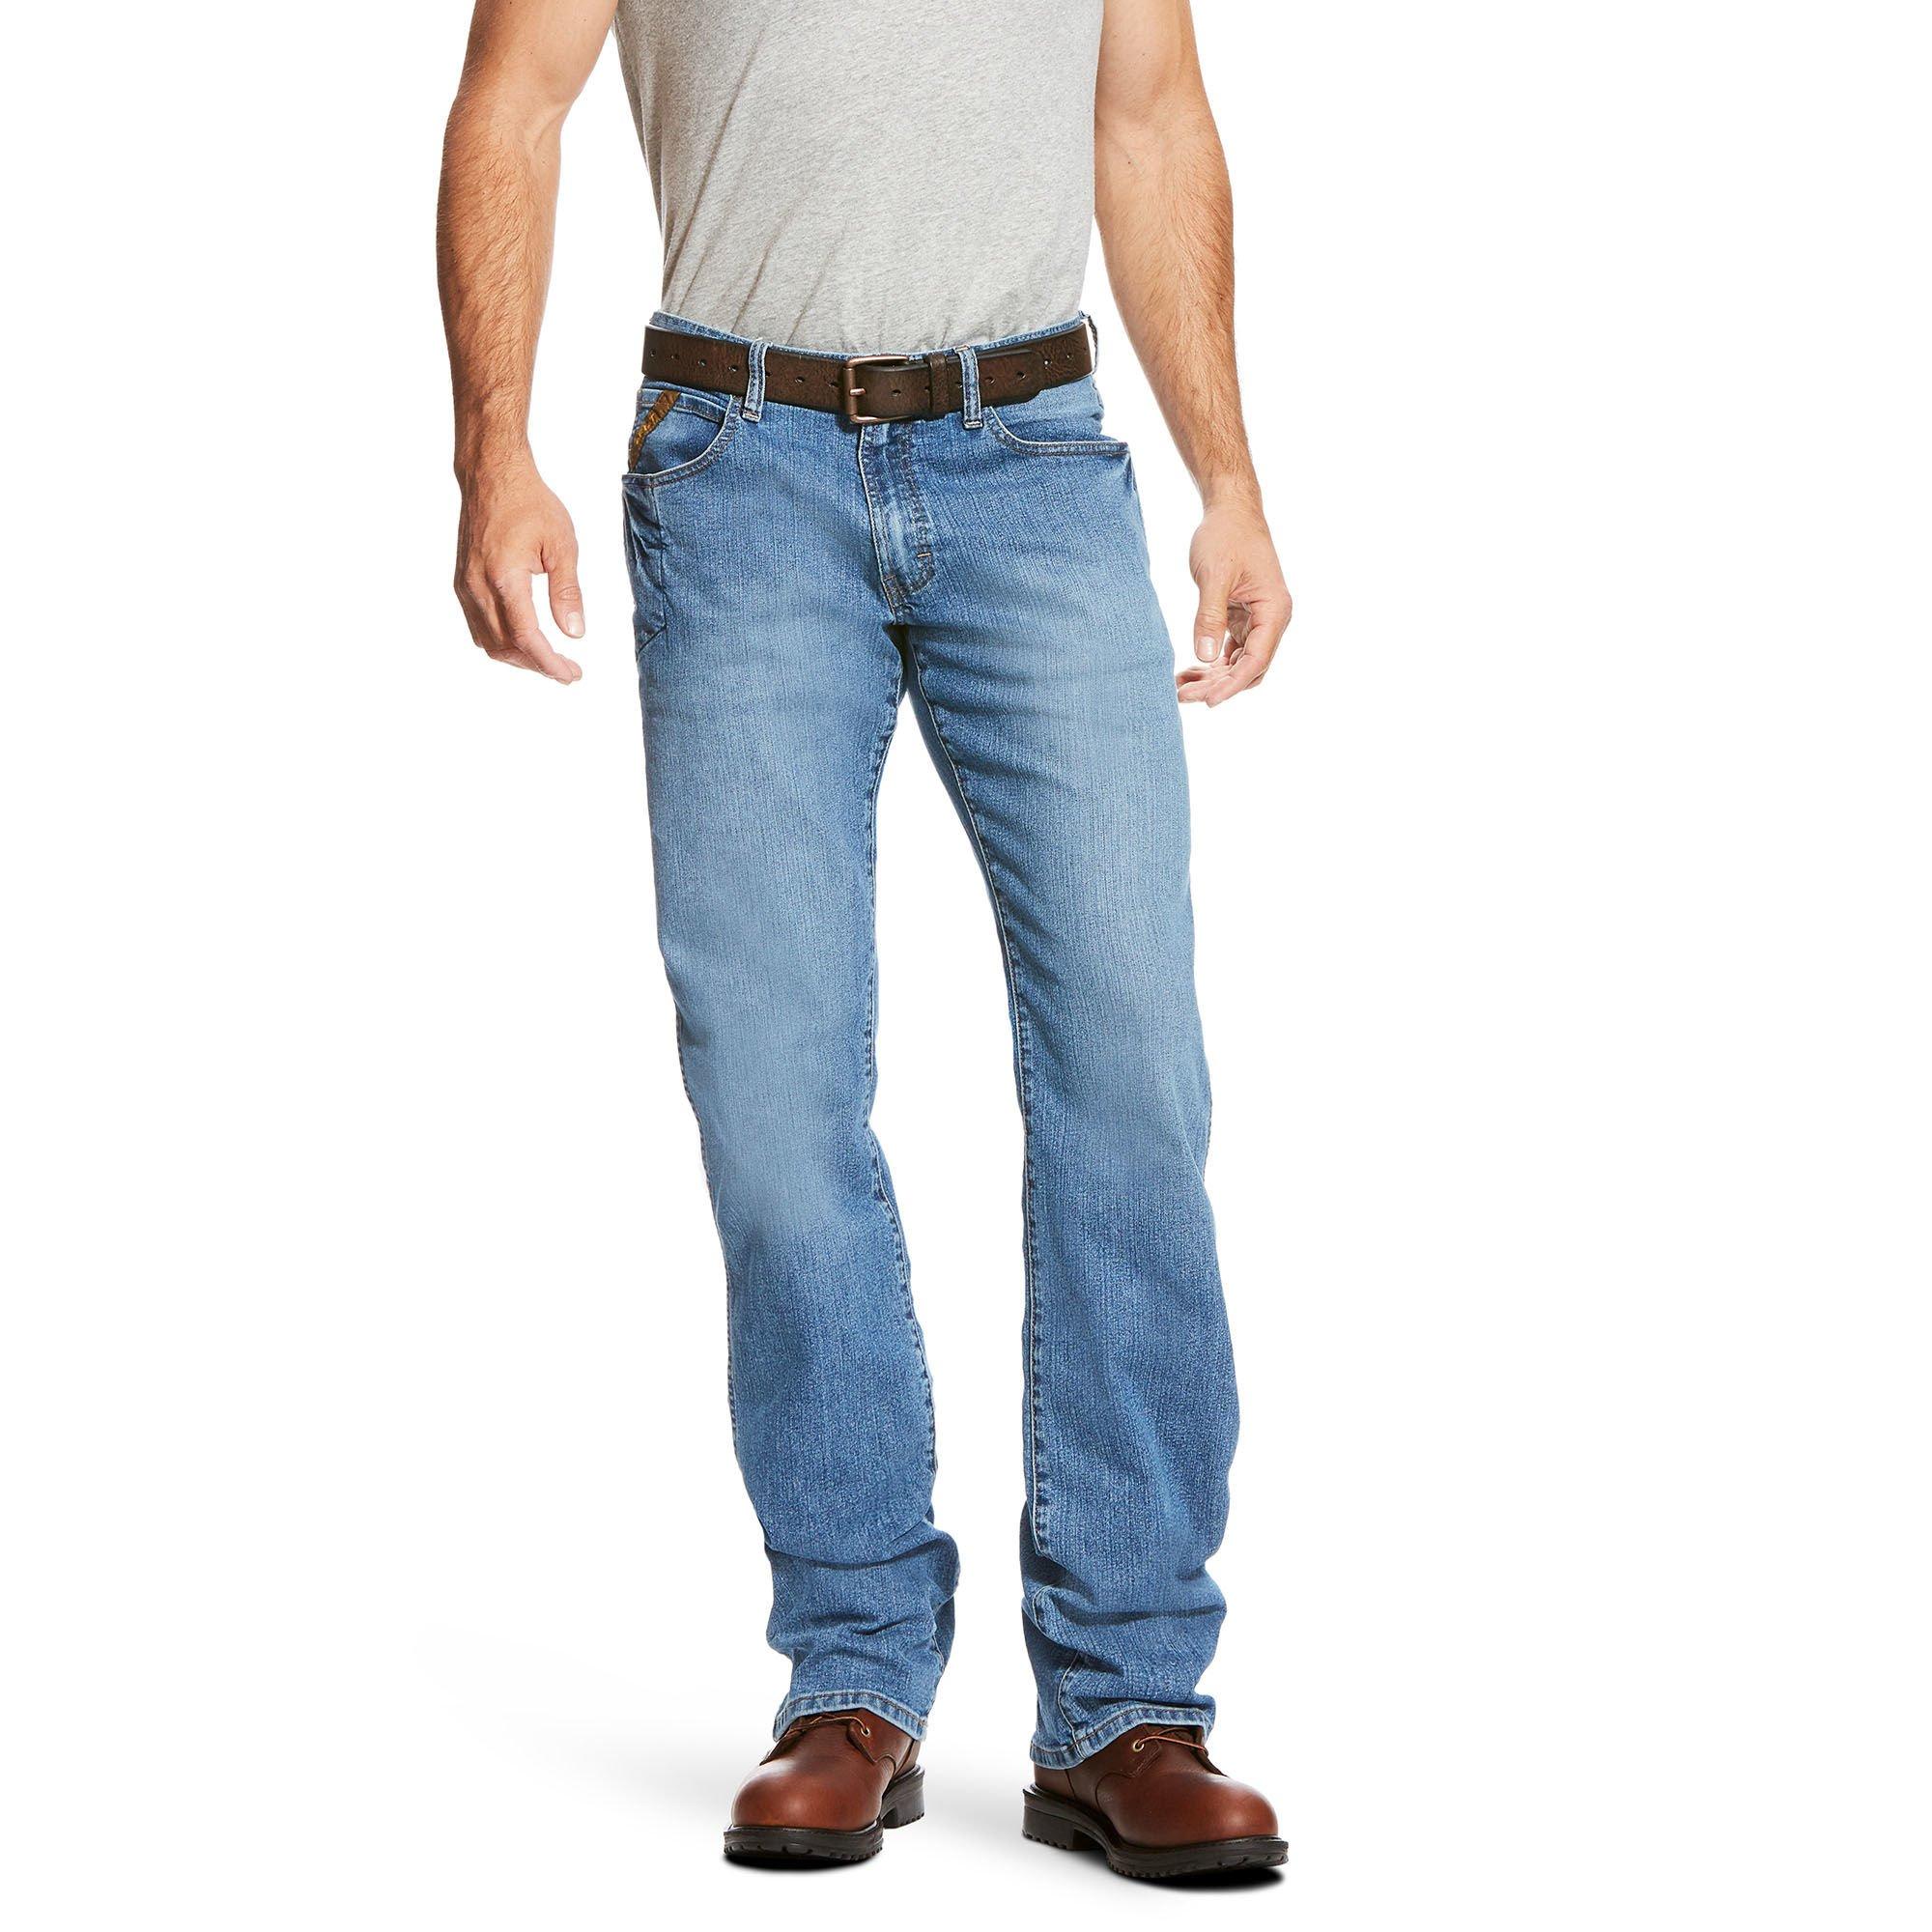 Ariat Men's M4 Rebar Low Rise Boot Cut Stretch Jean, Blue Haze, 36X30